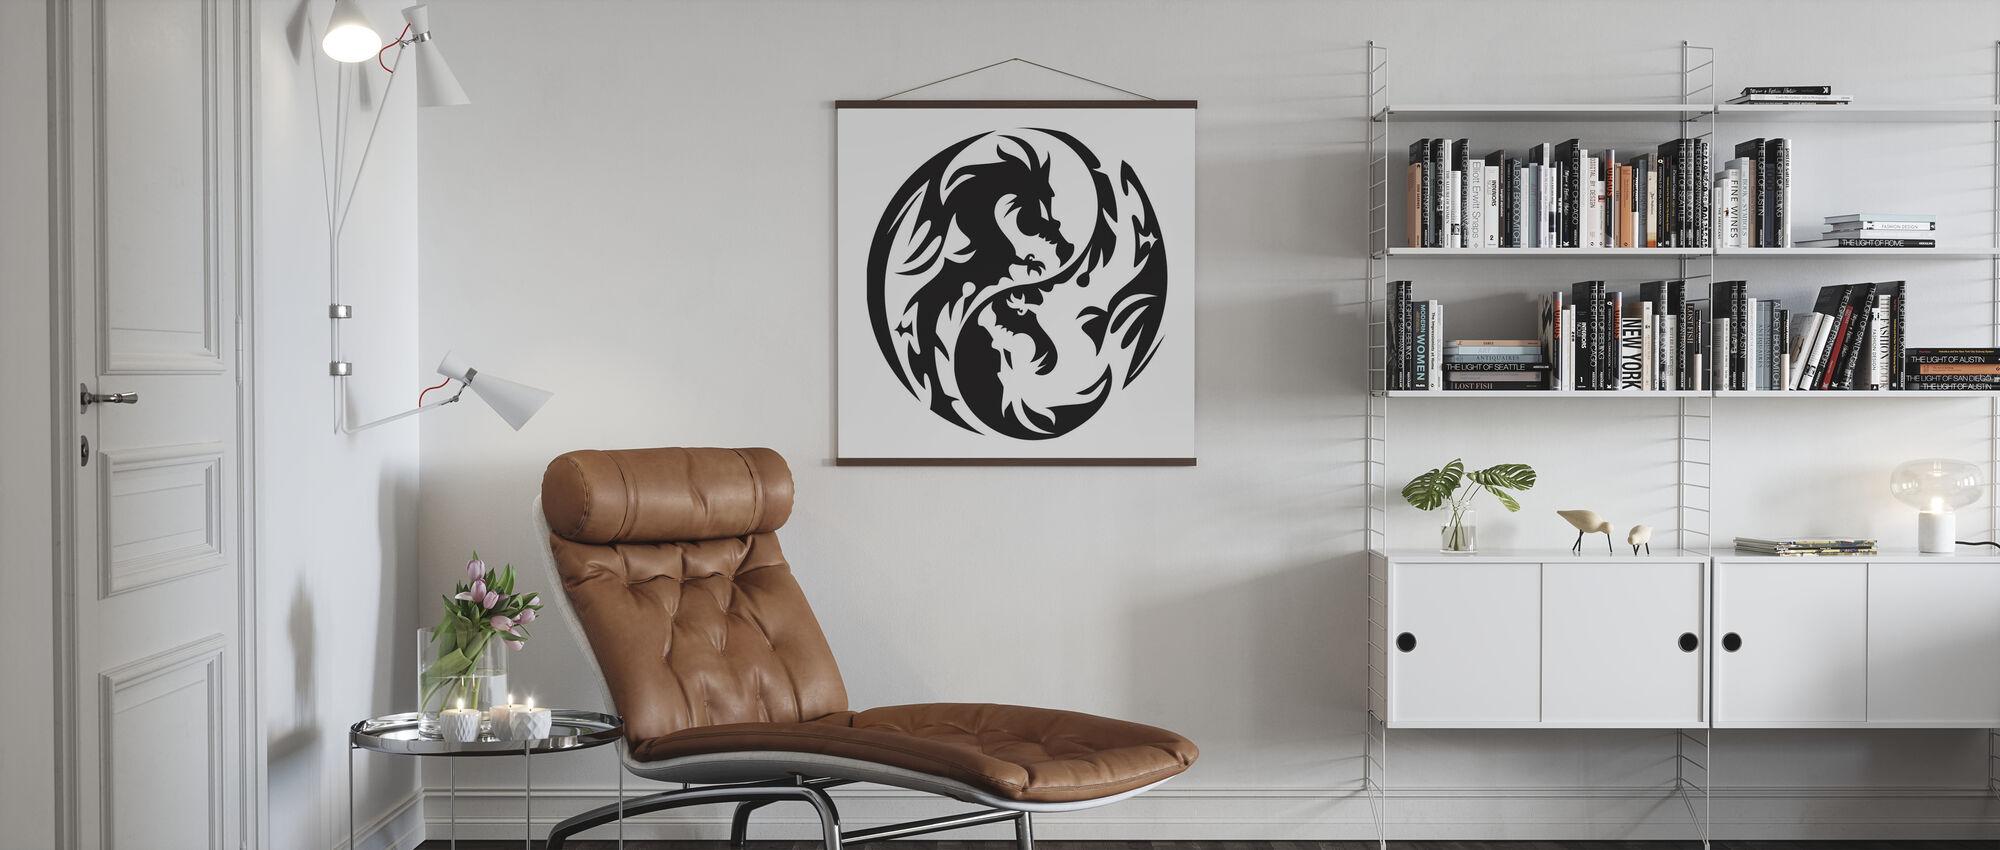 Kreis Drachen - Poster - Wohnzimmer